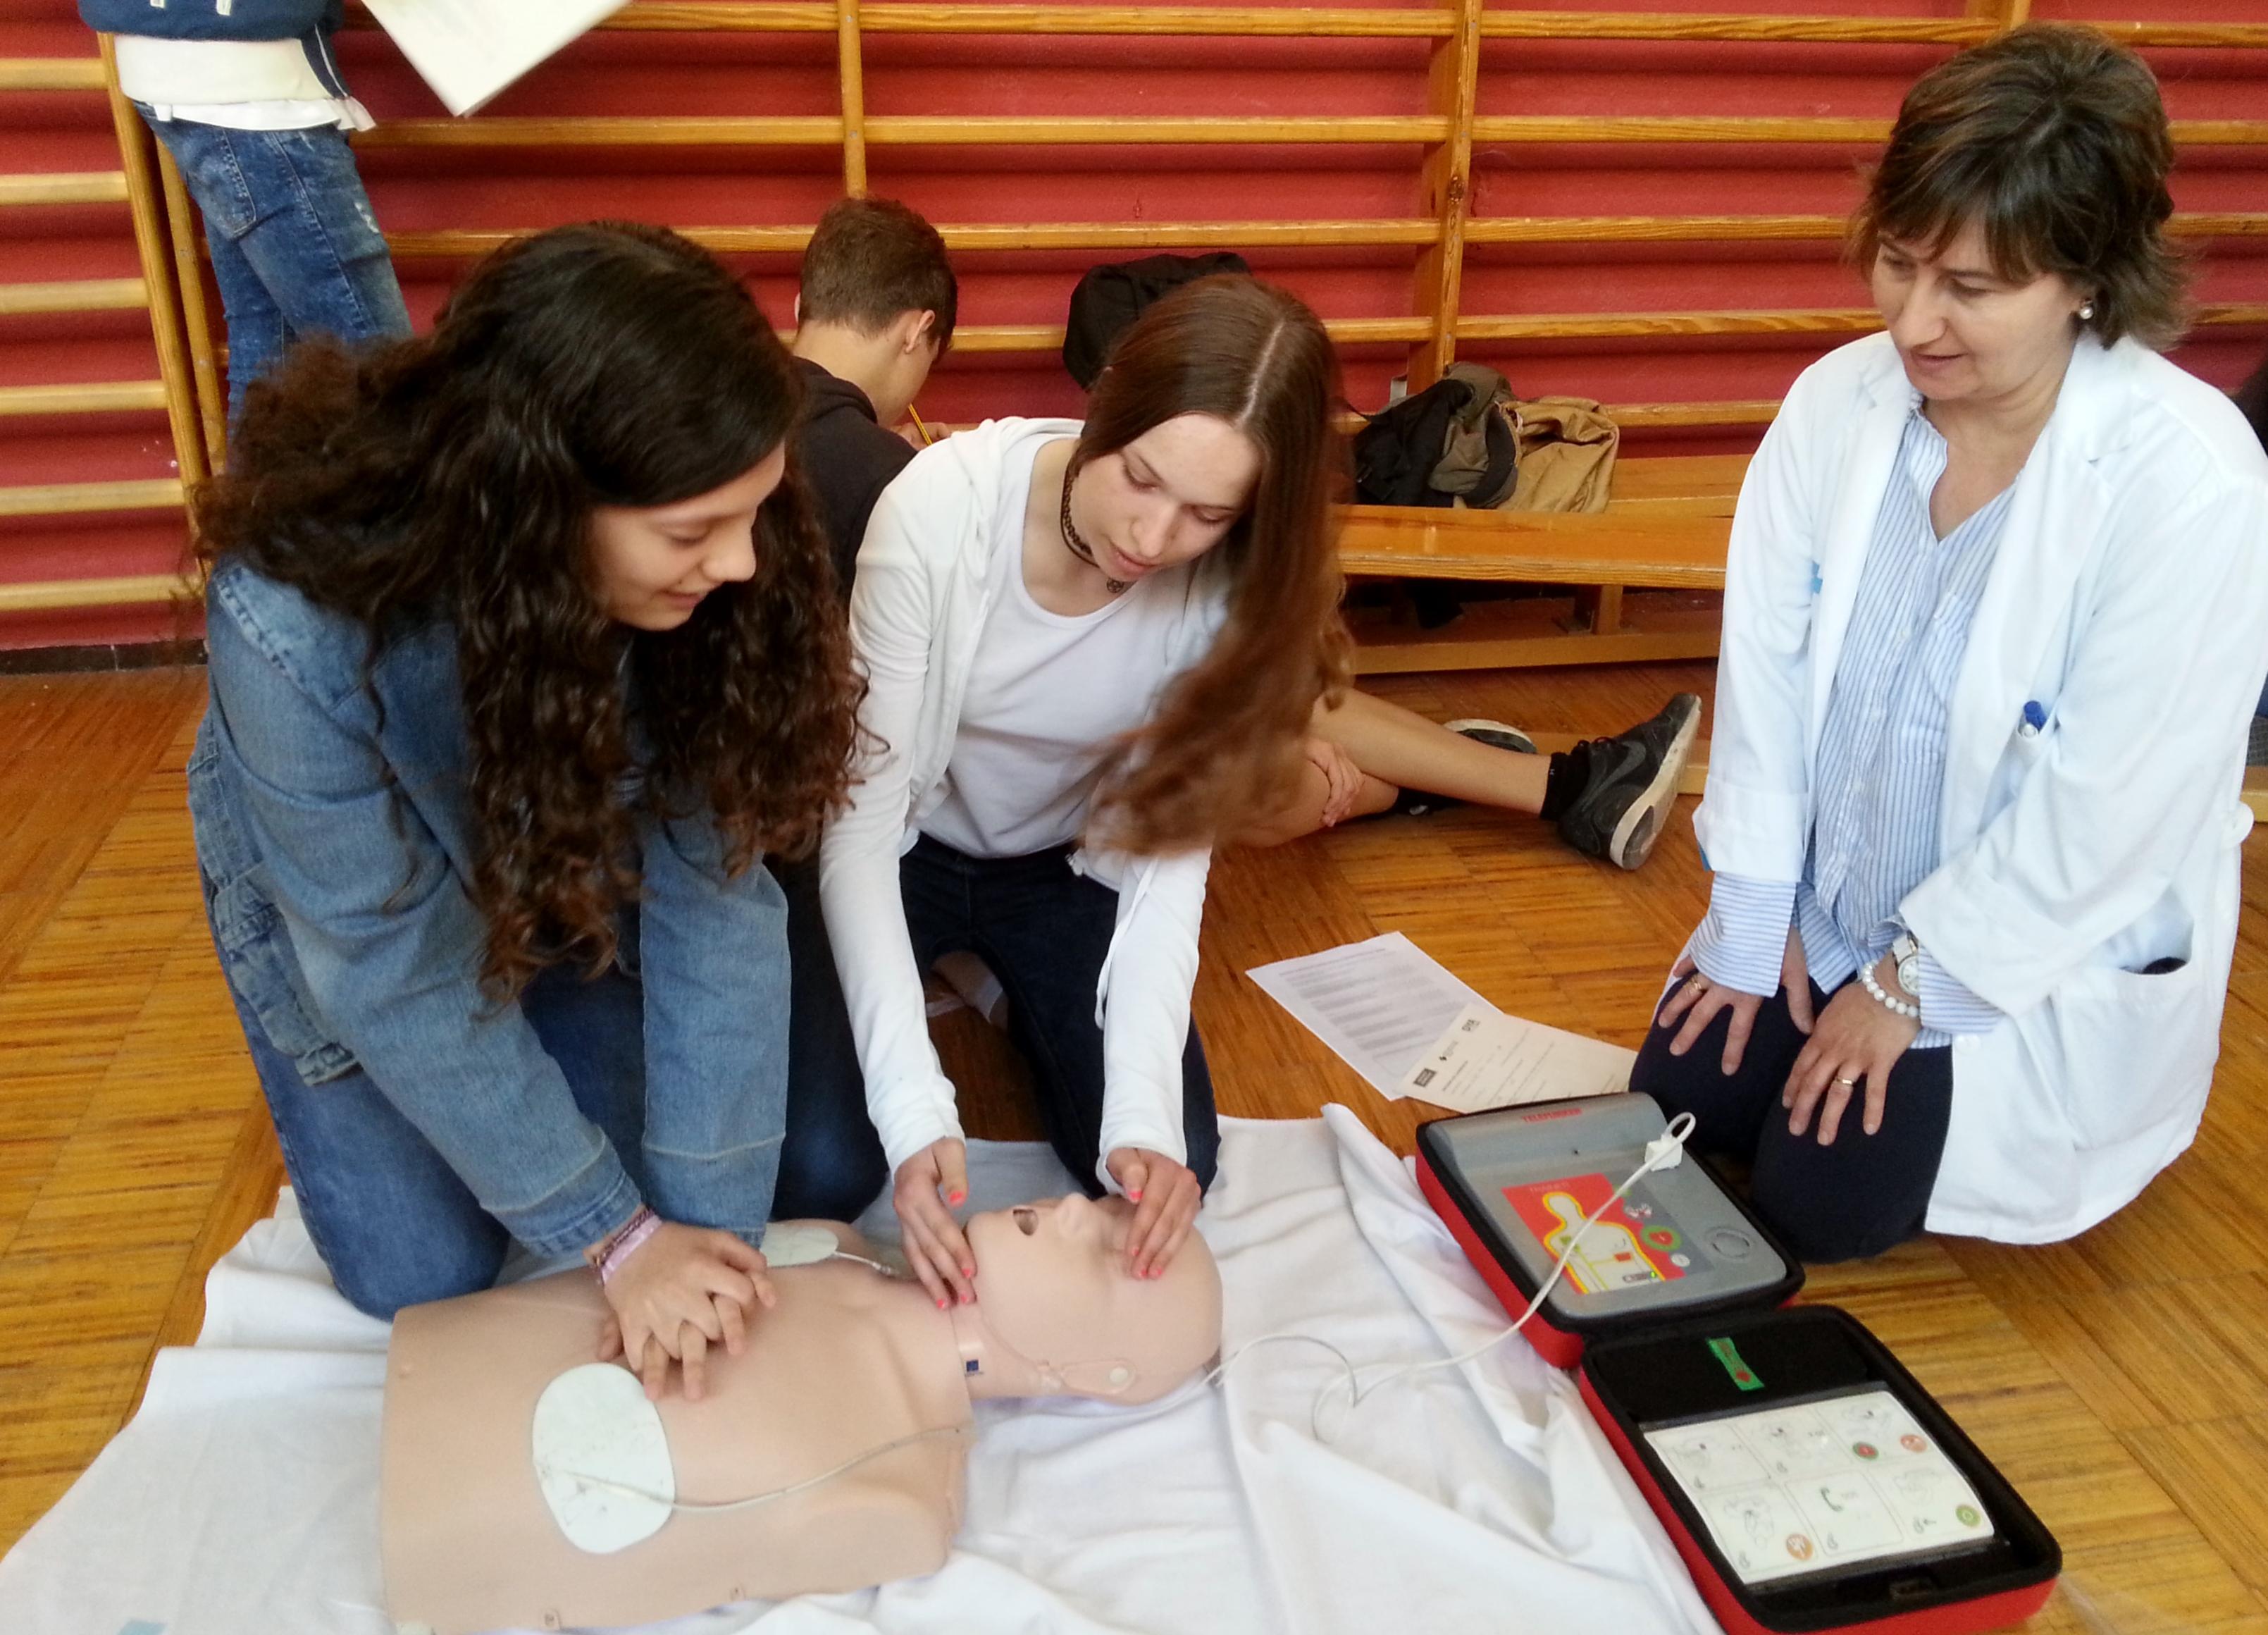 Els centres educatius de Tàrrega acullen la quarta edició dels tallers de reanimació